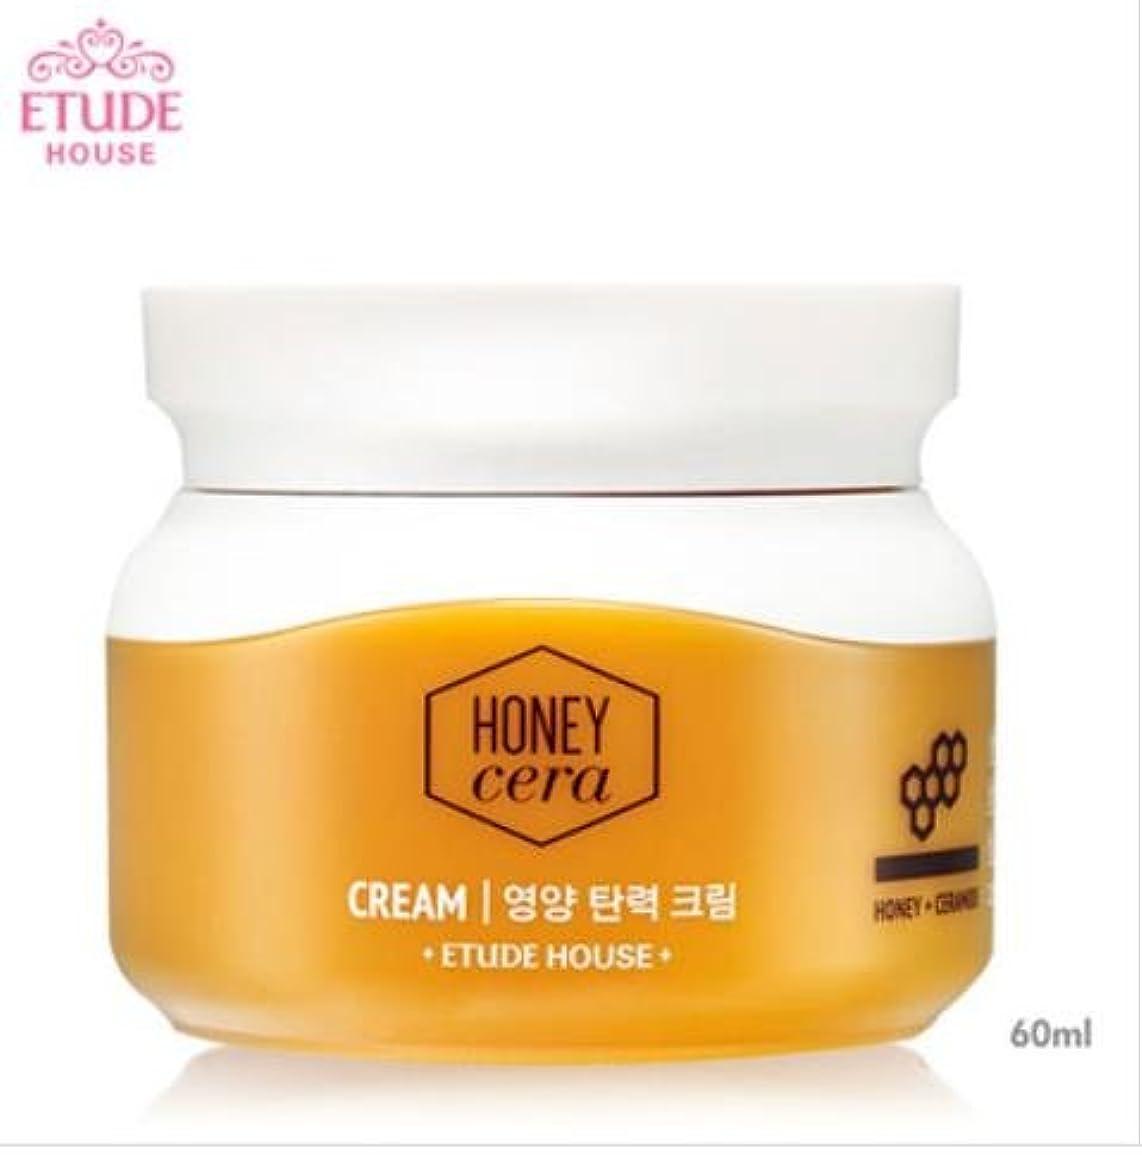 うまくいけばアレイ睡眠[エチュードハウス] ETUDE HOUSE [ハニーセラ 栄養弾力 クリーム 60ml](Honey Sarah nutrition elastic Cream 60ml) [並行輸入品]